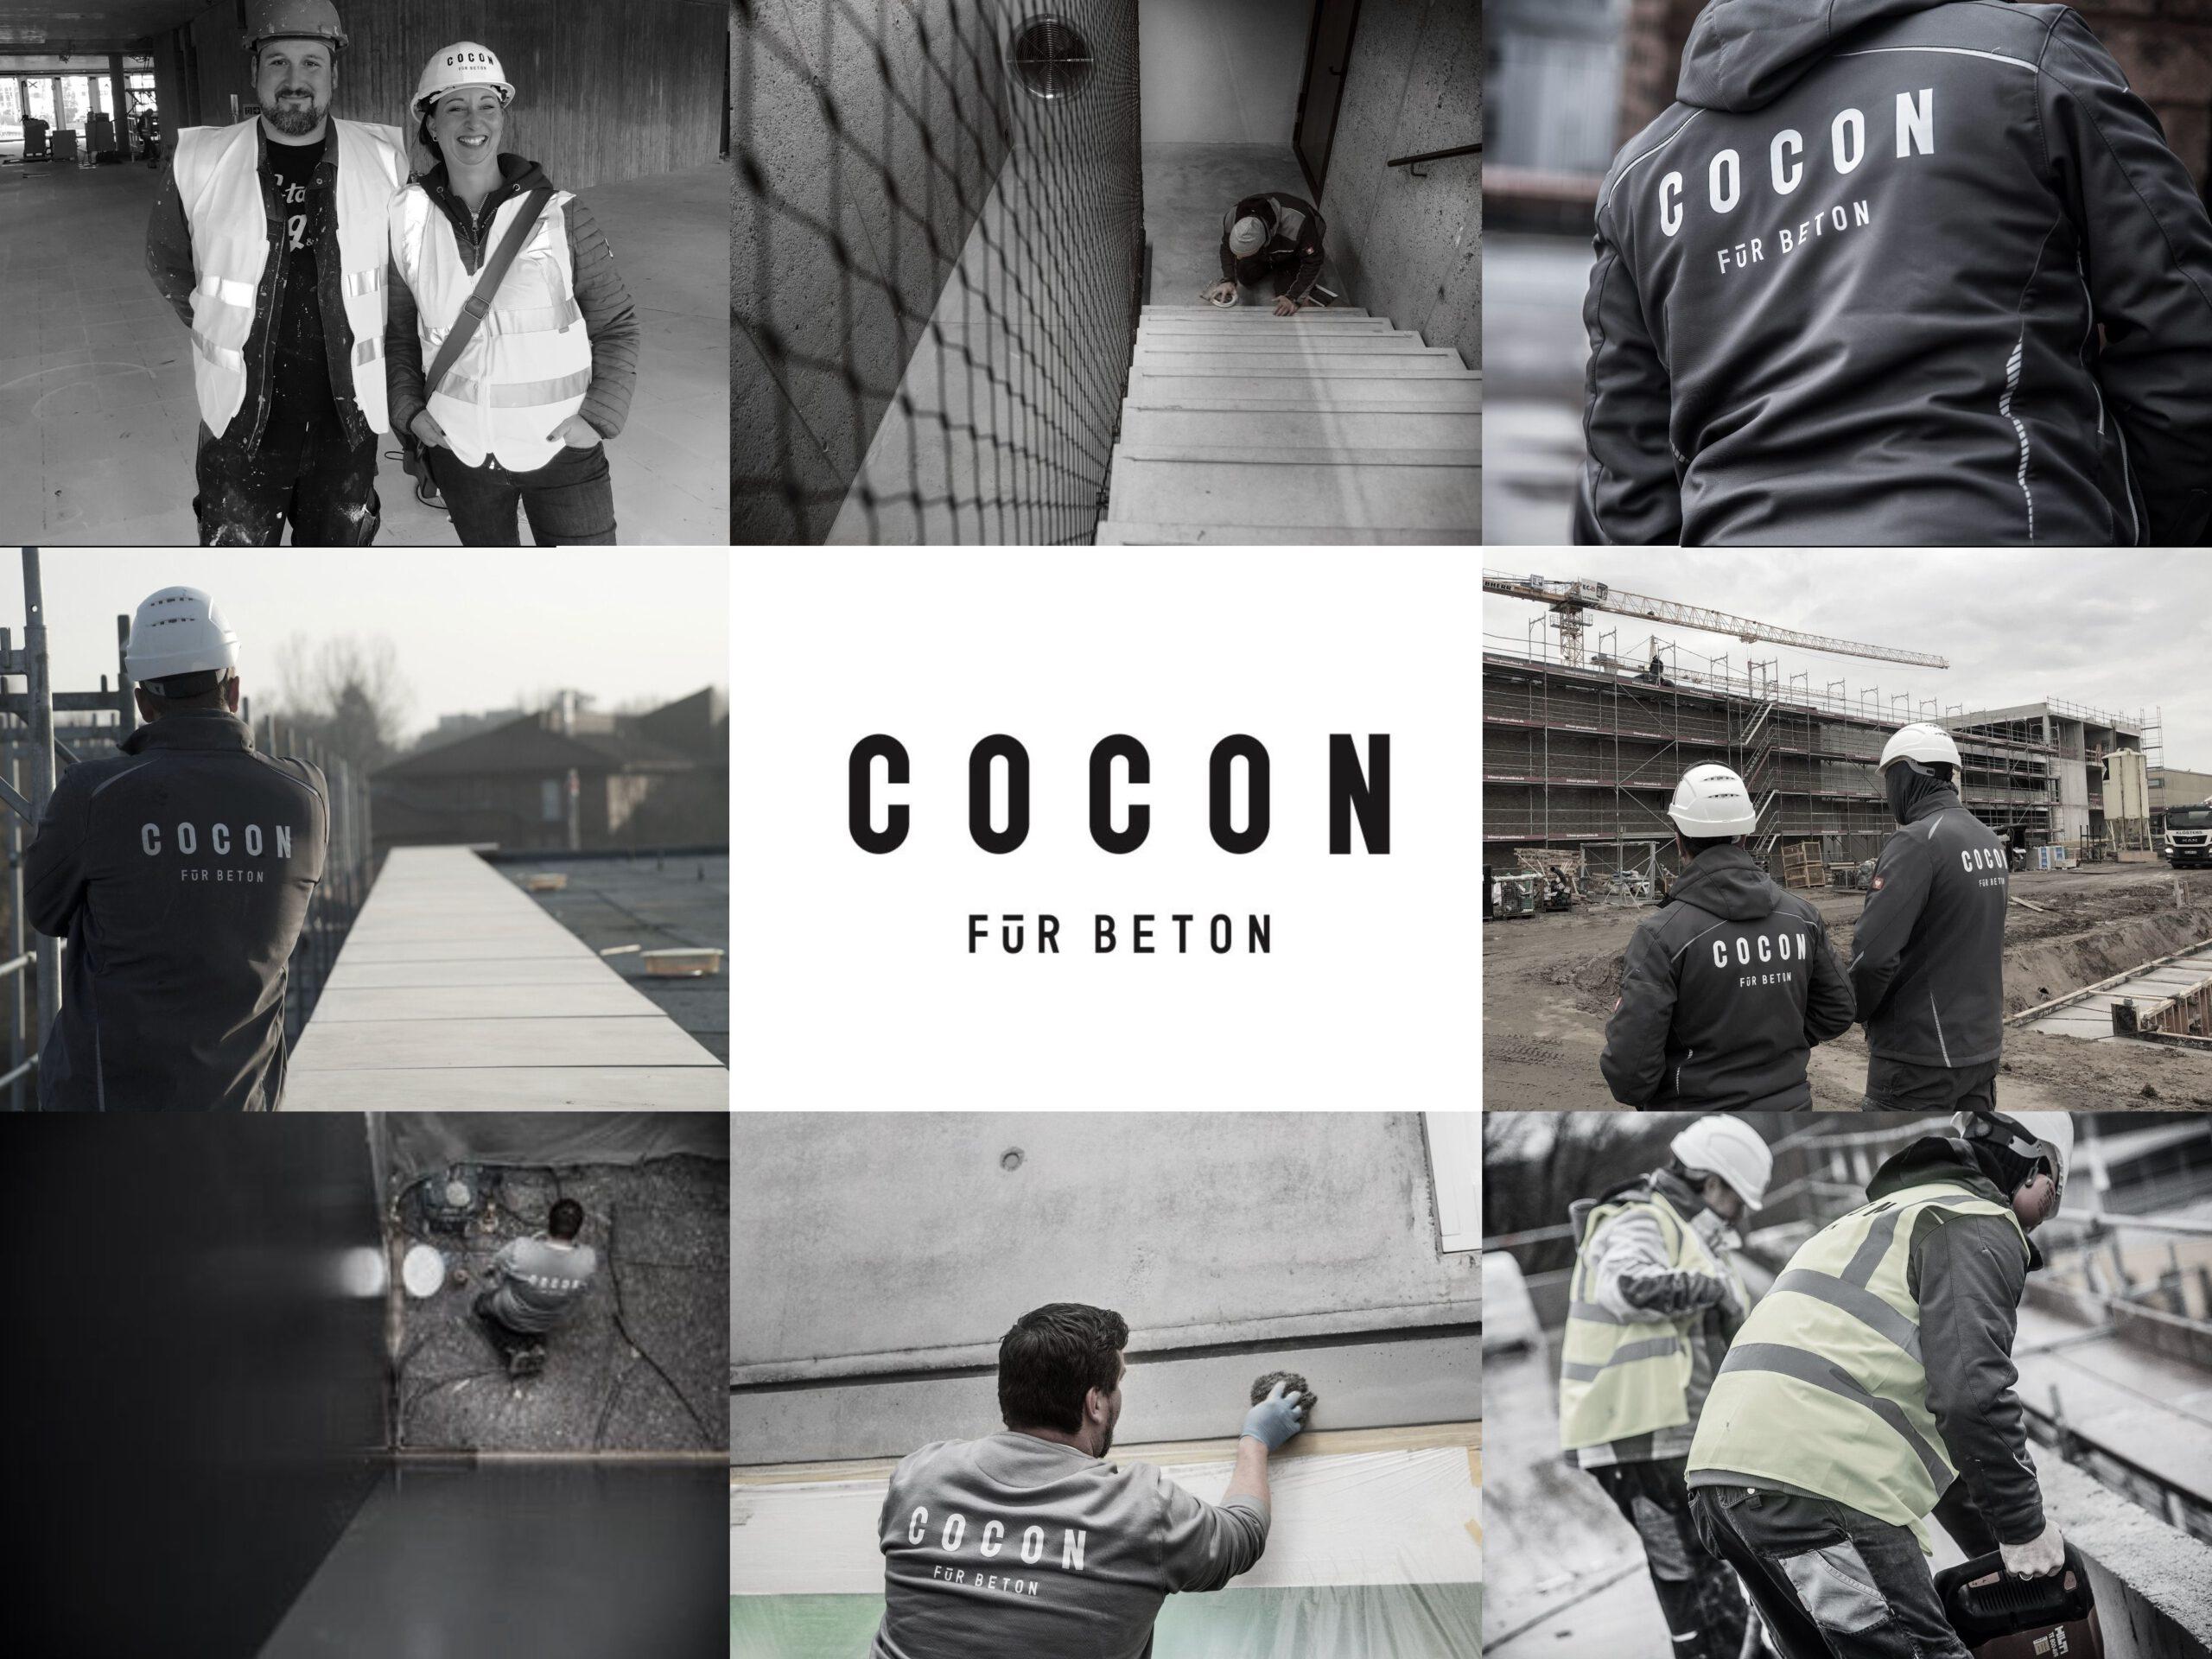 Gemeinsame Werte mit COCON